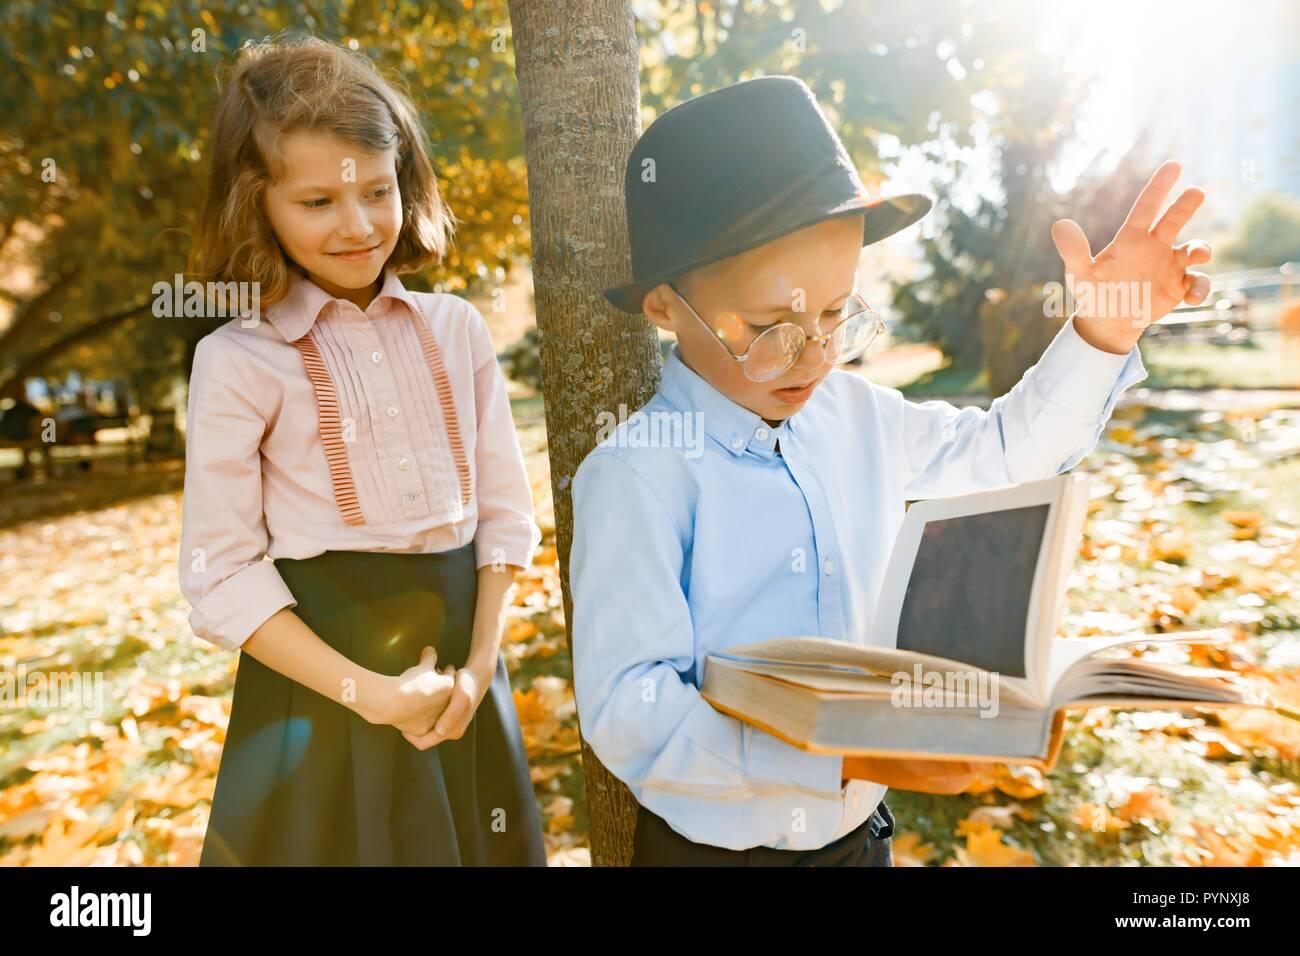 Petit Garcon 6 7 Ans Avec Chapeau Lunettes Lire Un Livre